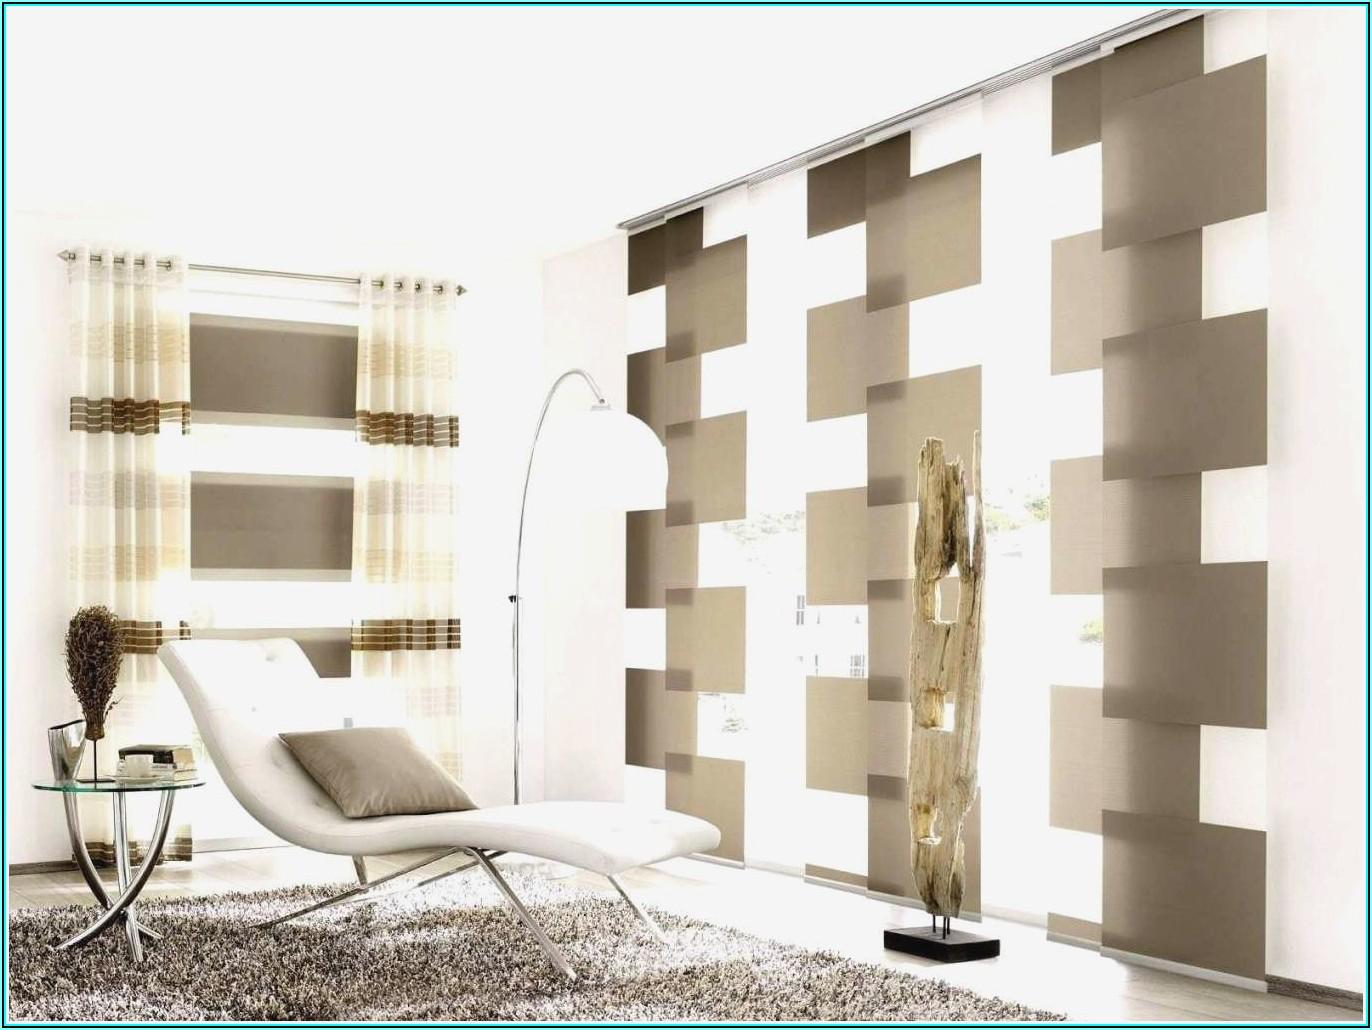 Wohnzimmer Renovierungsideen Bilder